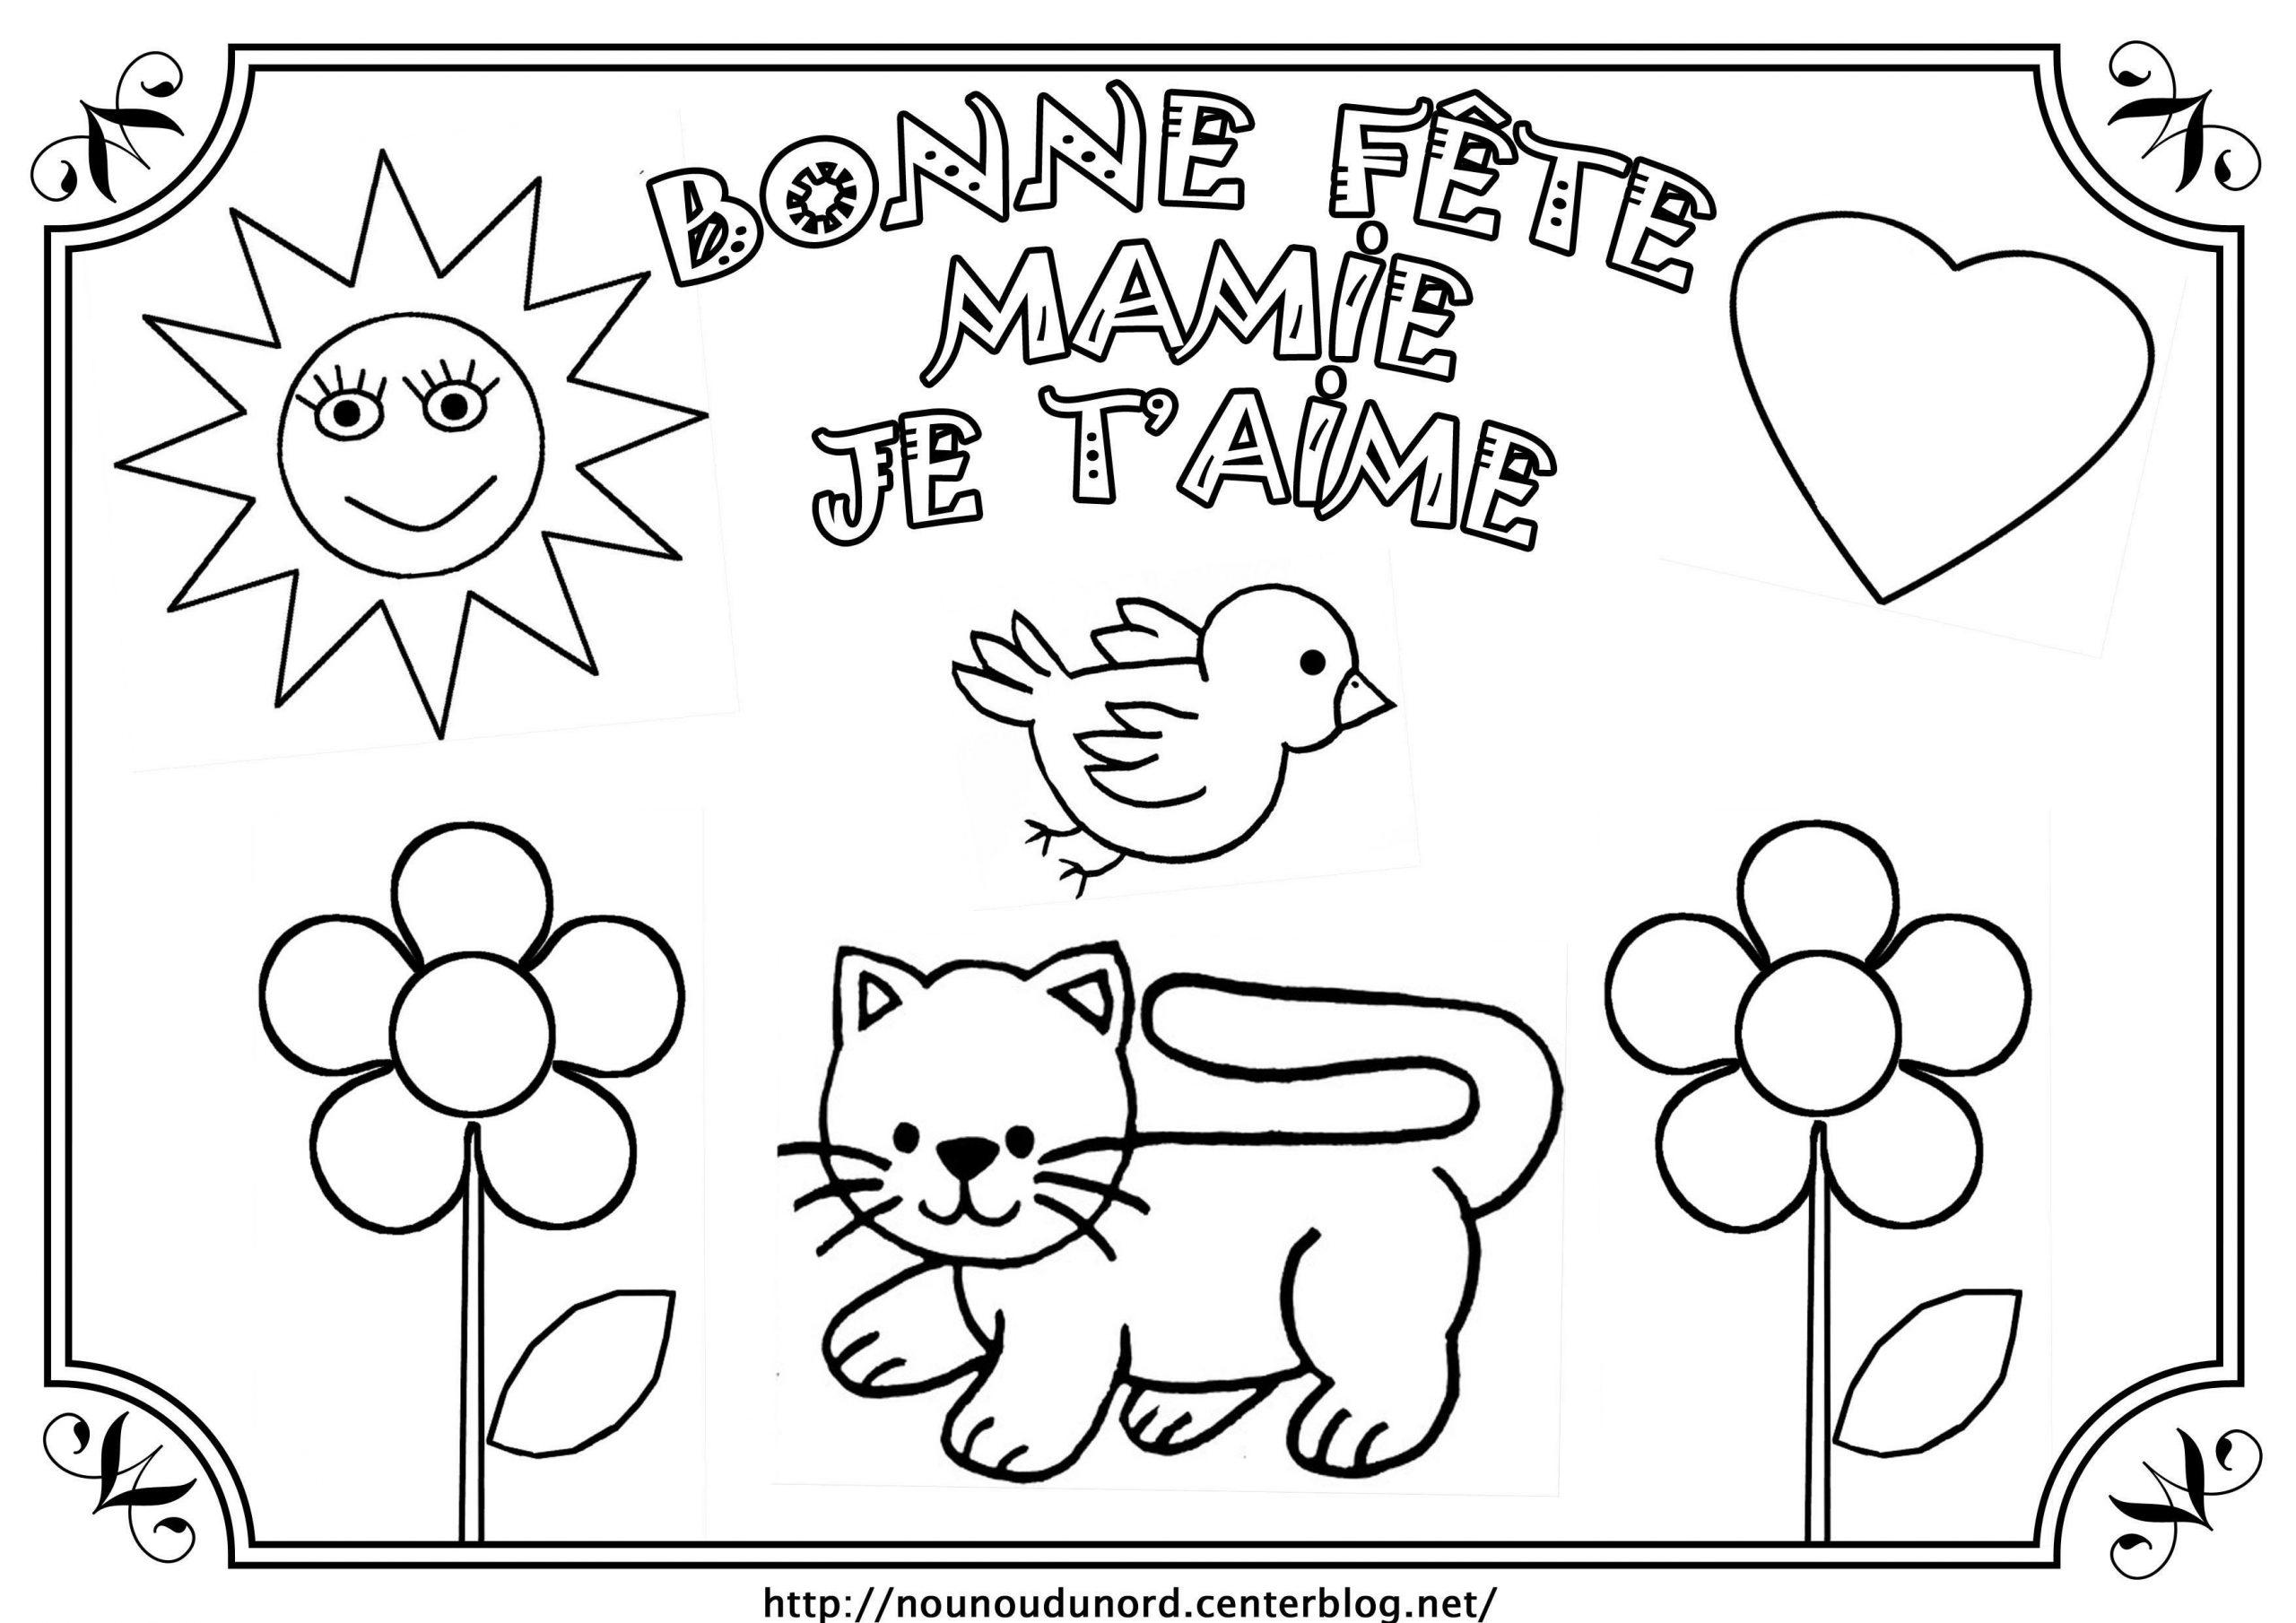 Coloriage Pour La Fete Des Grand Mere A Imprimer Printable avec Coloriage Fete Des Peres A Imprimer Gratuit